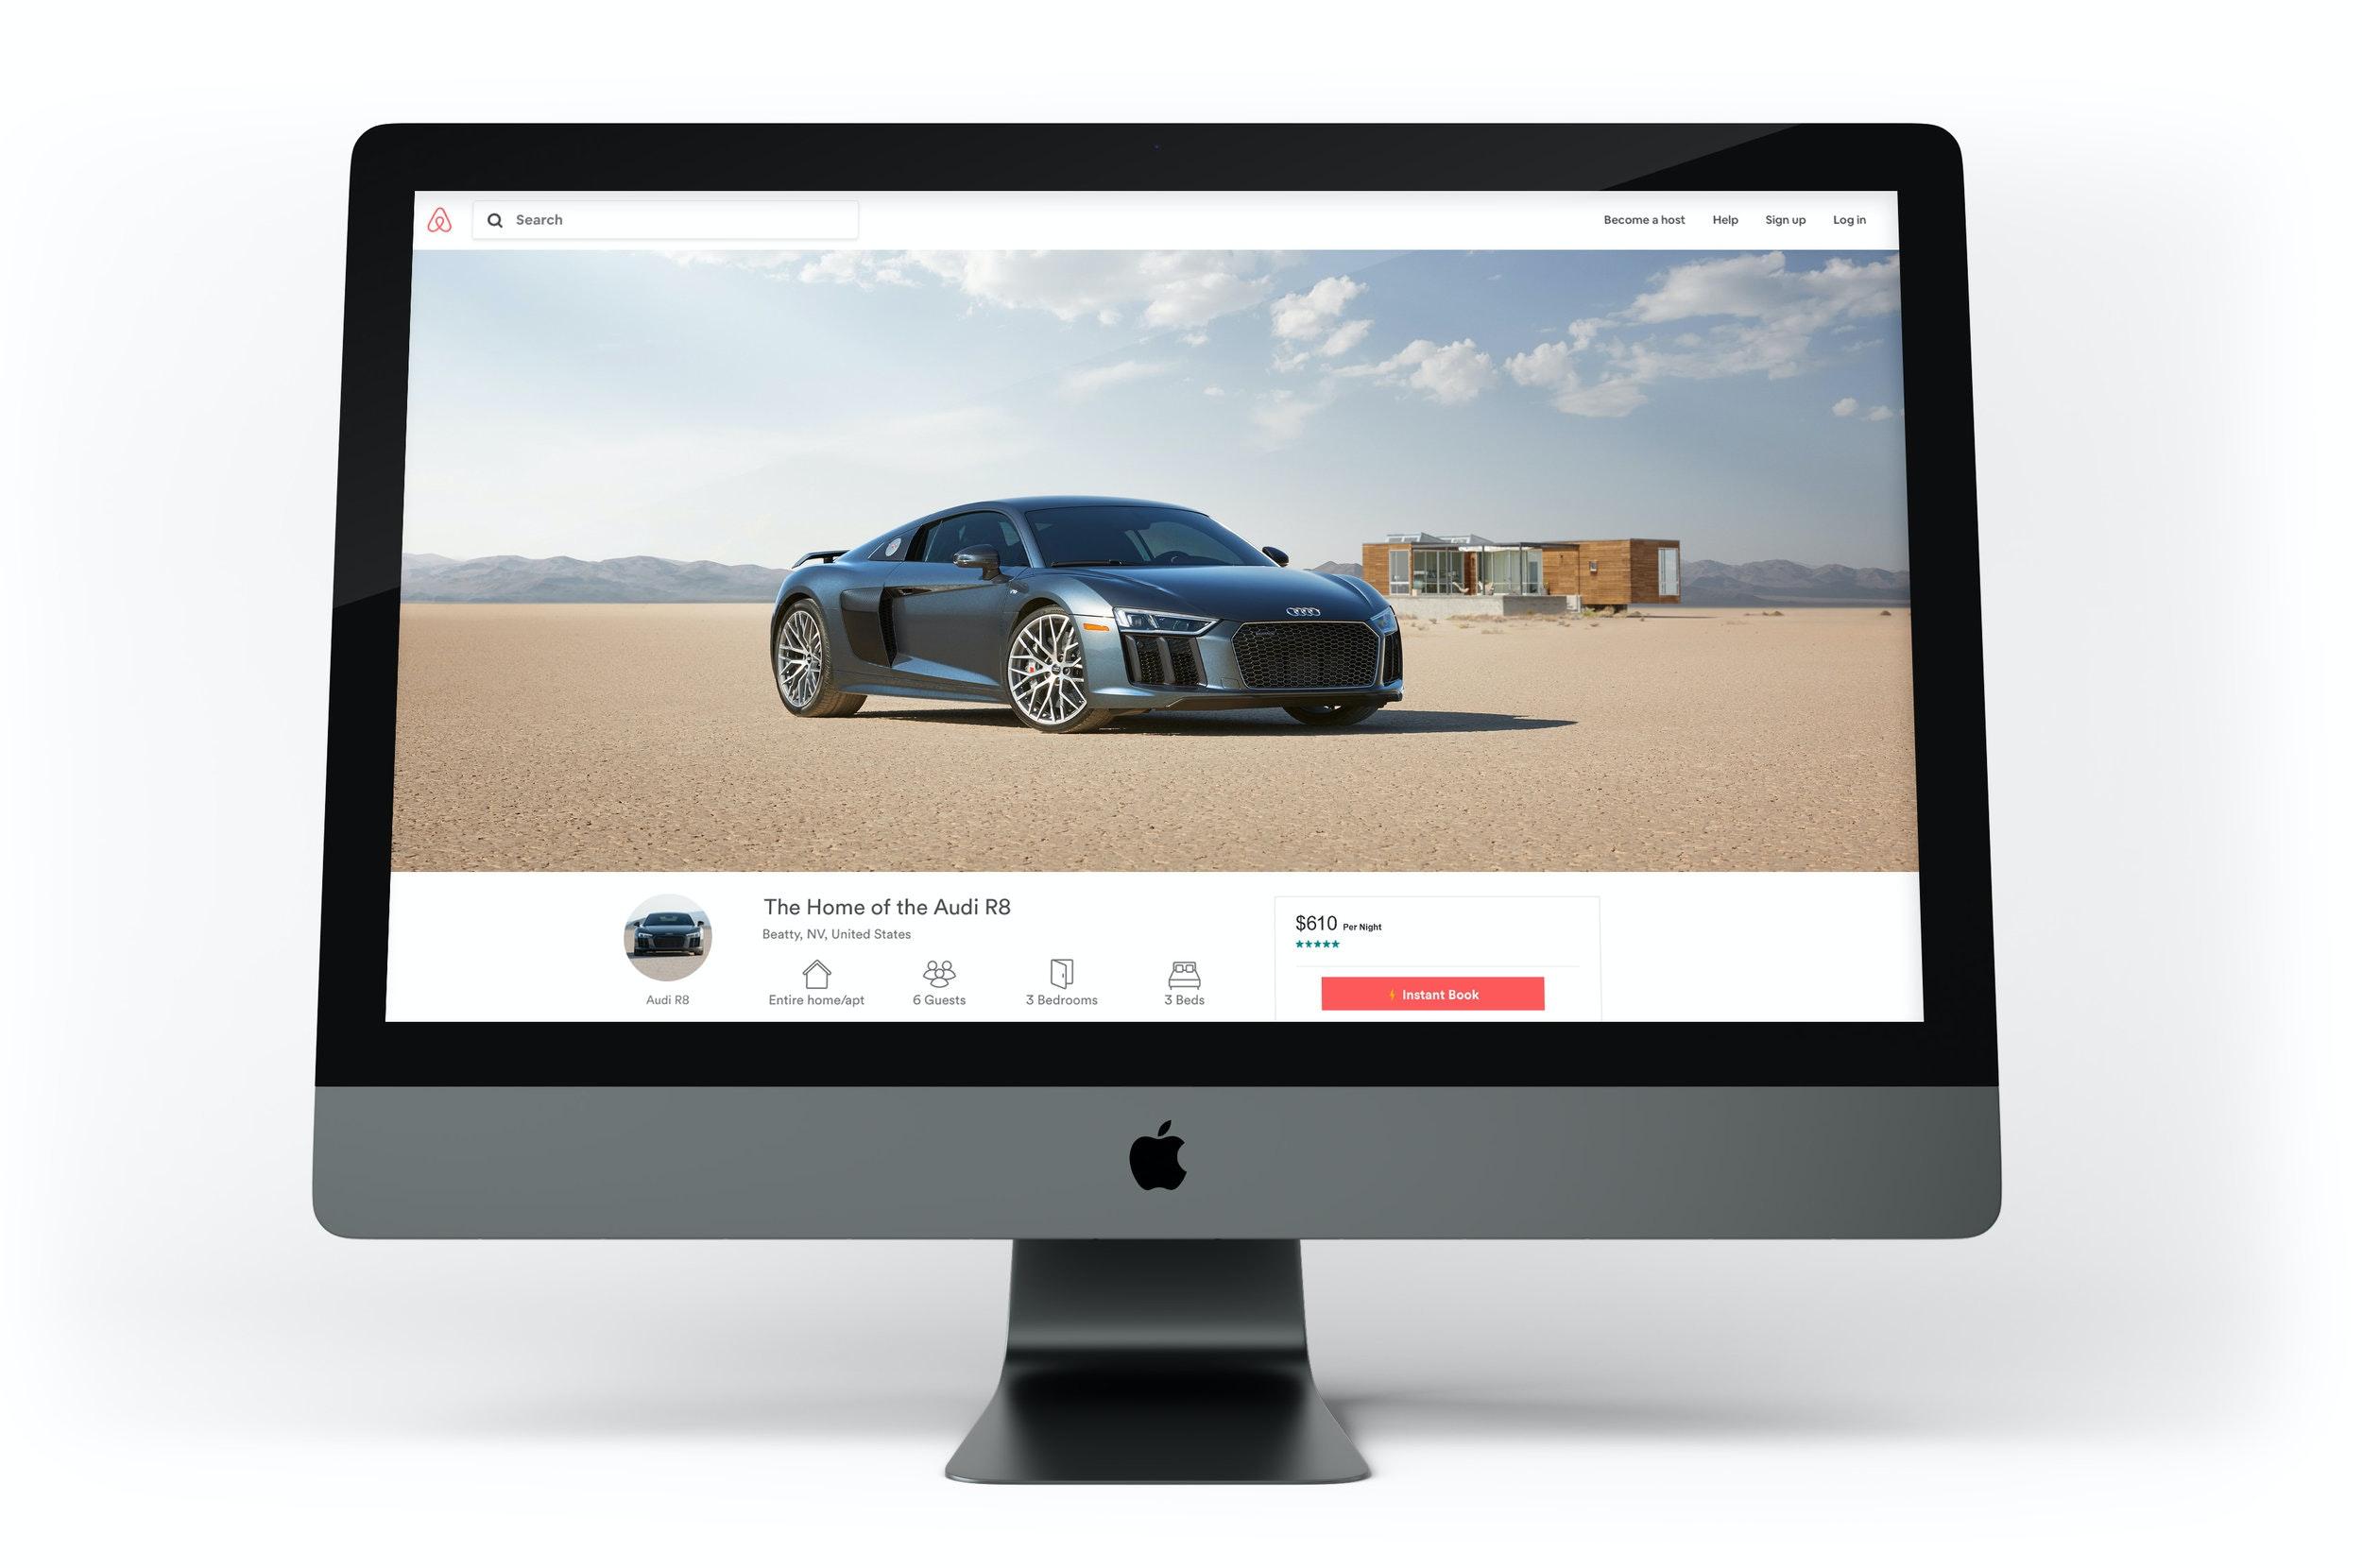 Matt Miller - Audi_Desolation_Airbnb_Mock